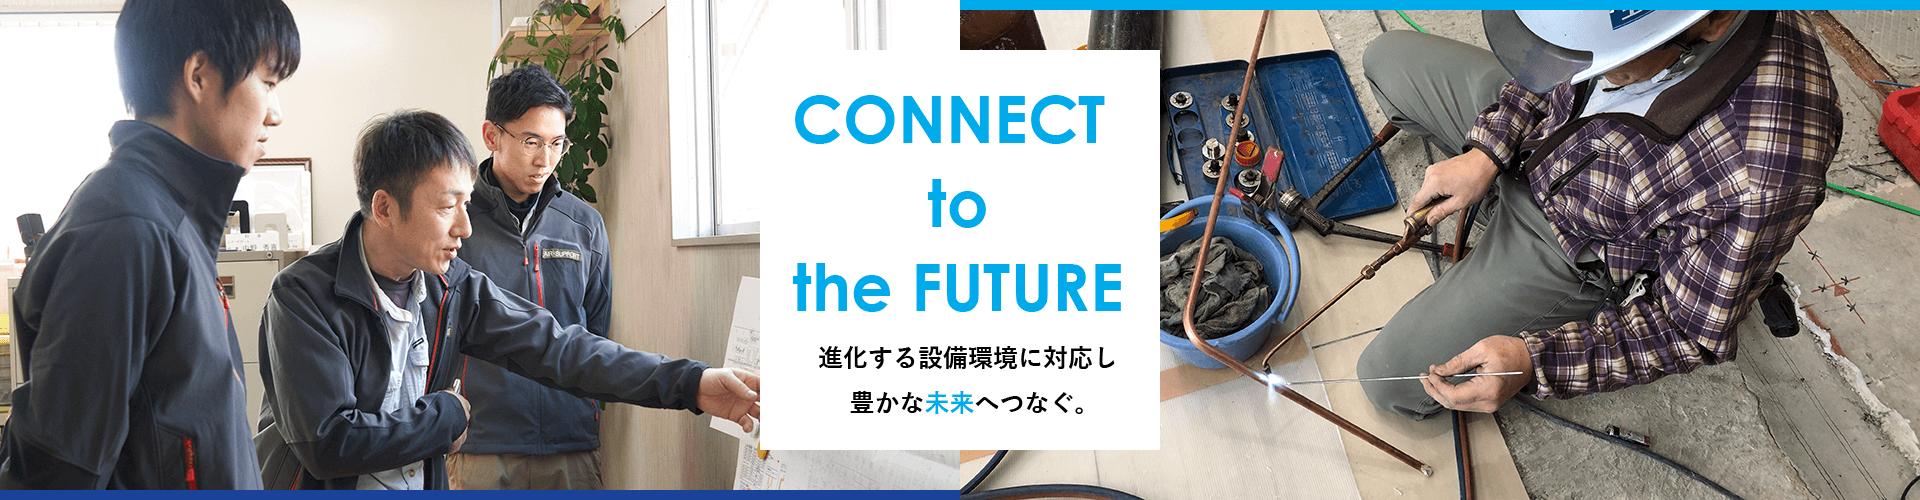 CONNECT THE FUTURE 進化する設備環境に対応し、豊かな未来へつなぐ